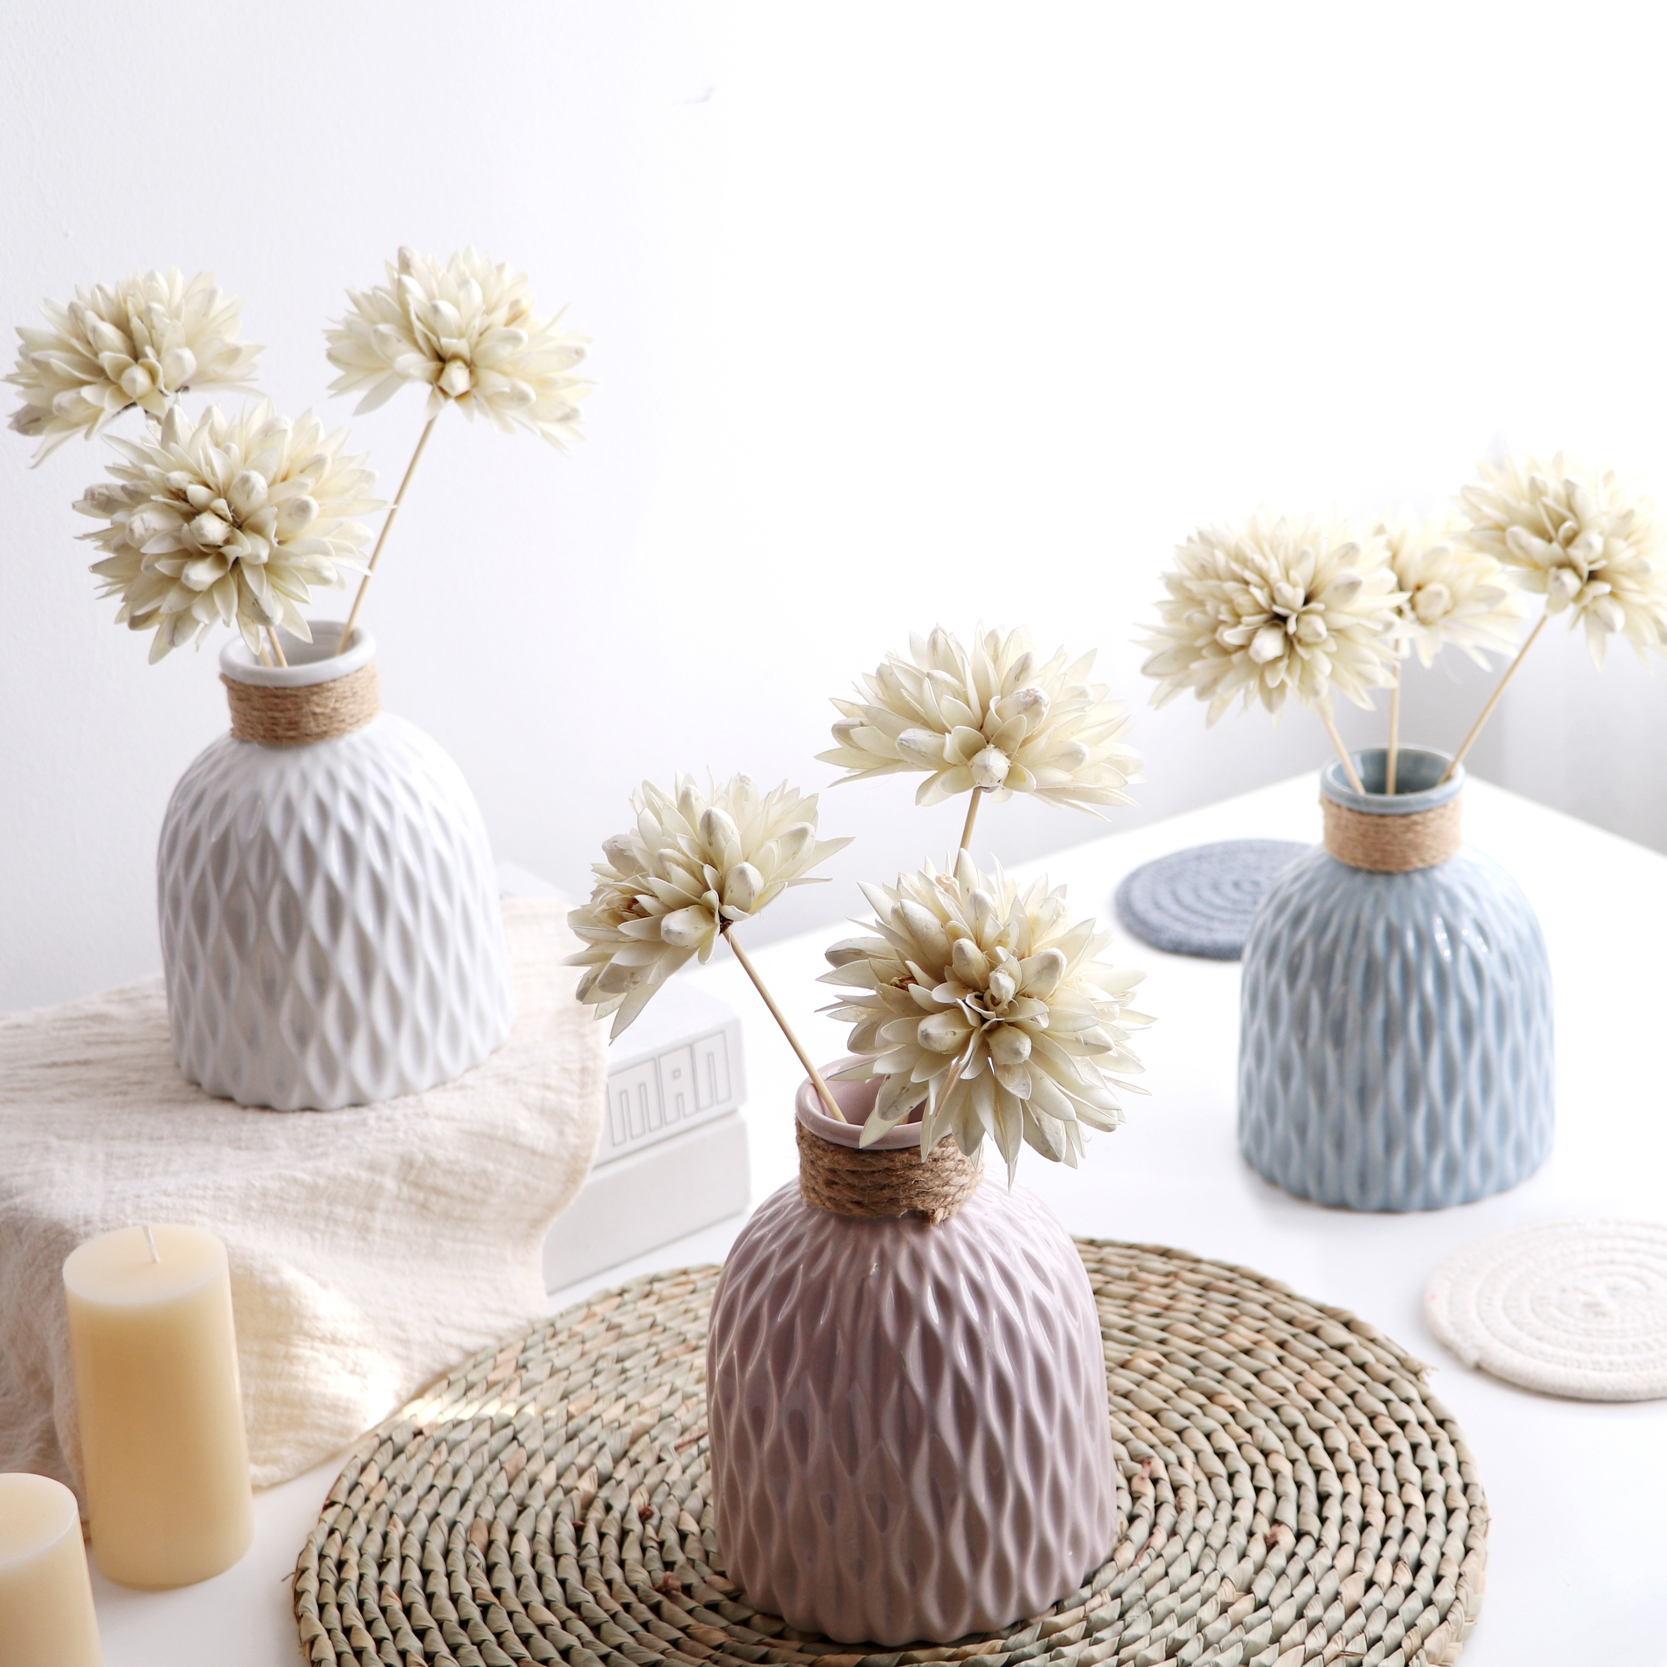 白色花瓶+3支玉蘭干花愛家簡約現代客廳家居擺件白色麻繩日式陶瓷文藝花瓶插花藝